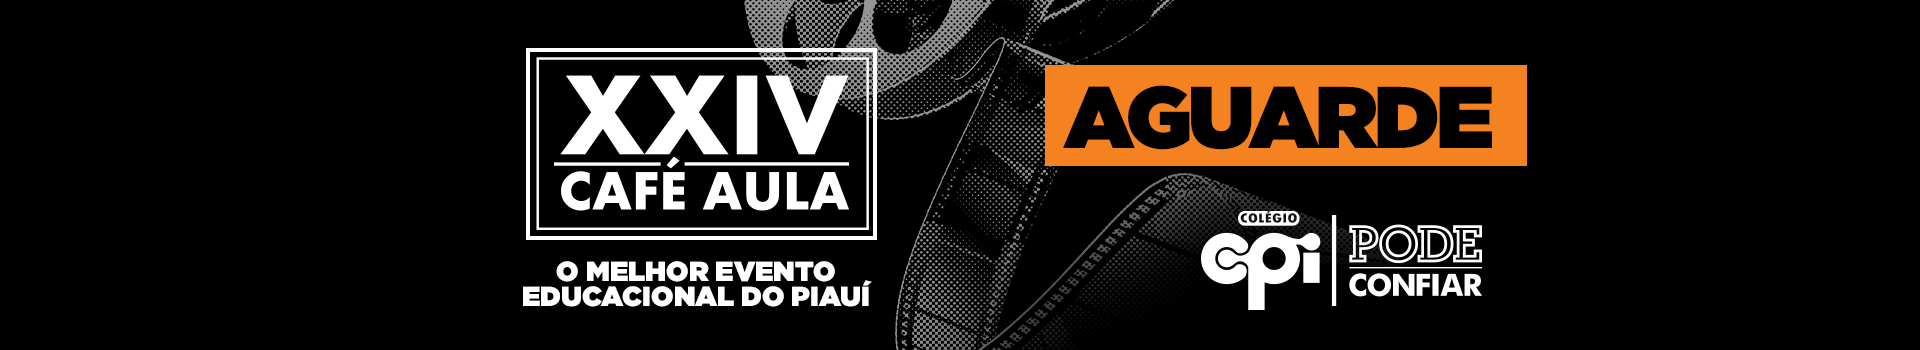 Capa-Site_ABRIL-CAFÉ-AULA